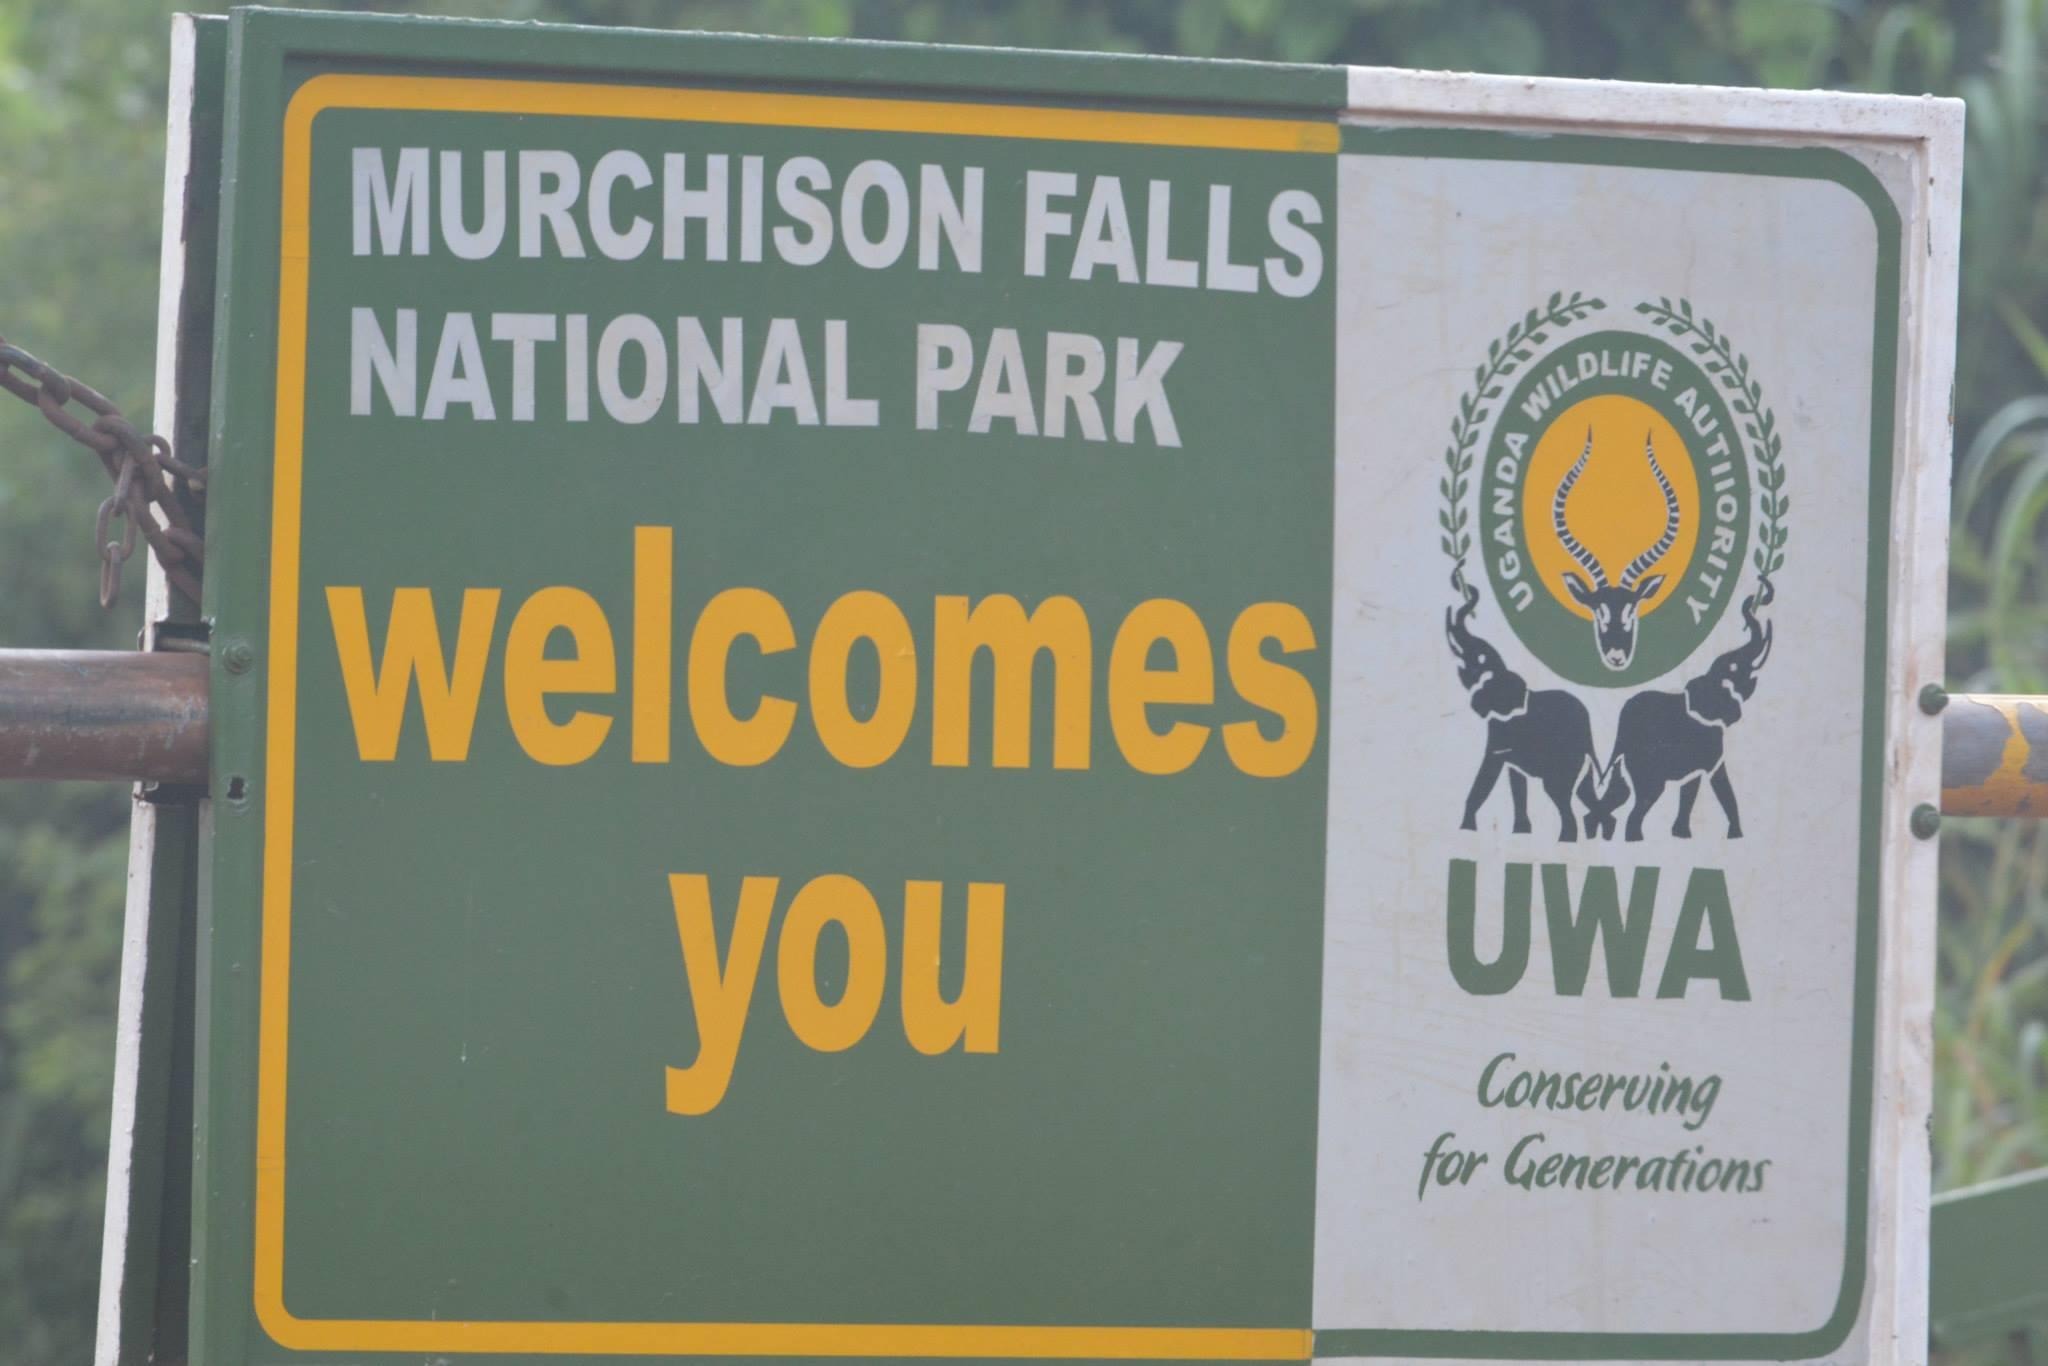 שלט הכניסה לפארק מפלי מורצ'יסון